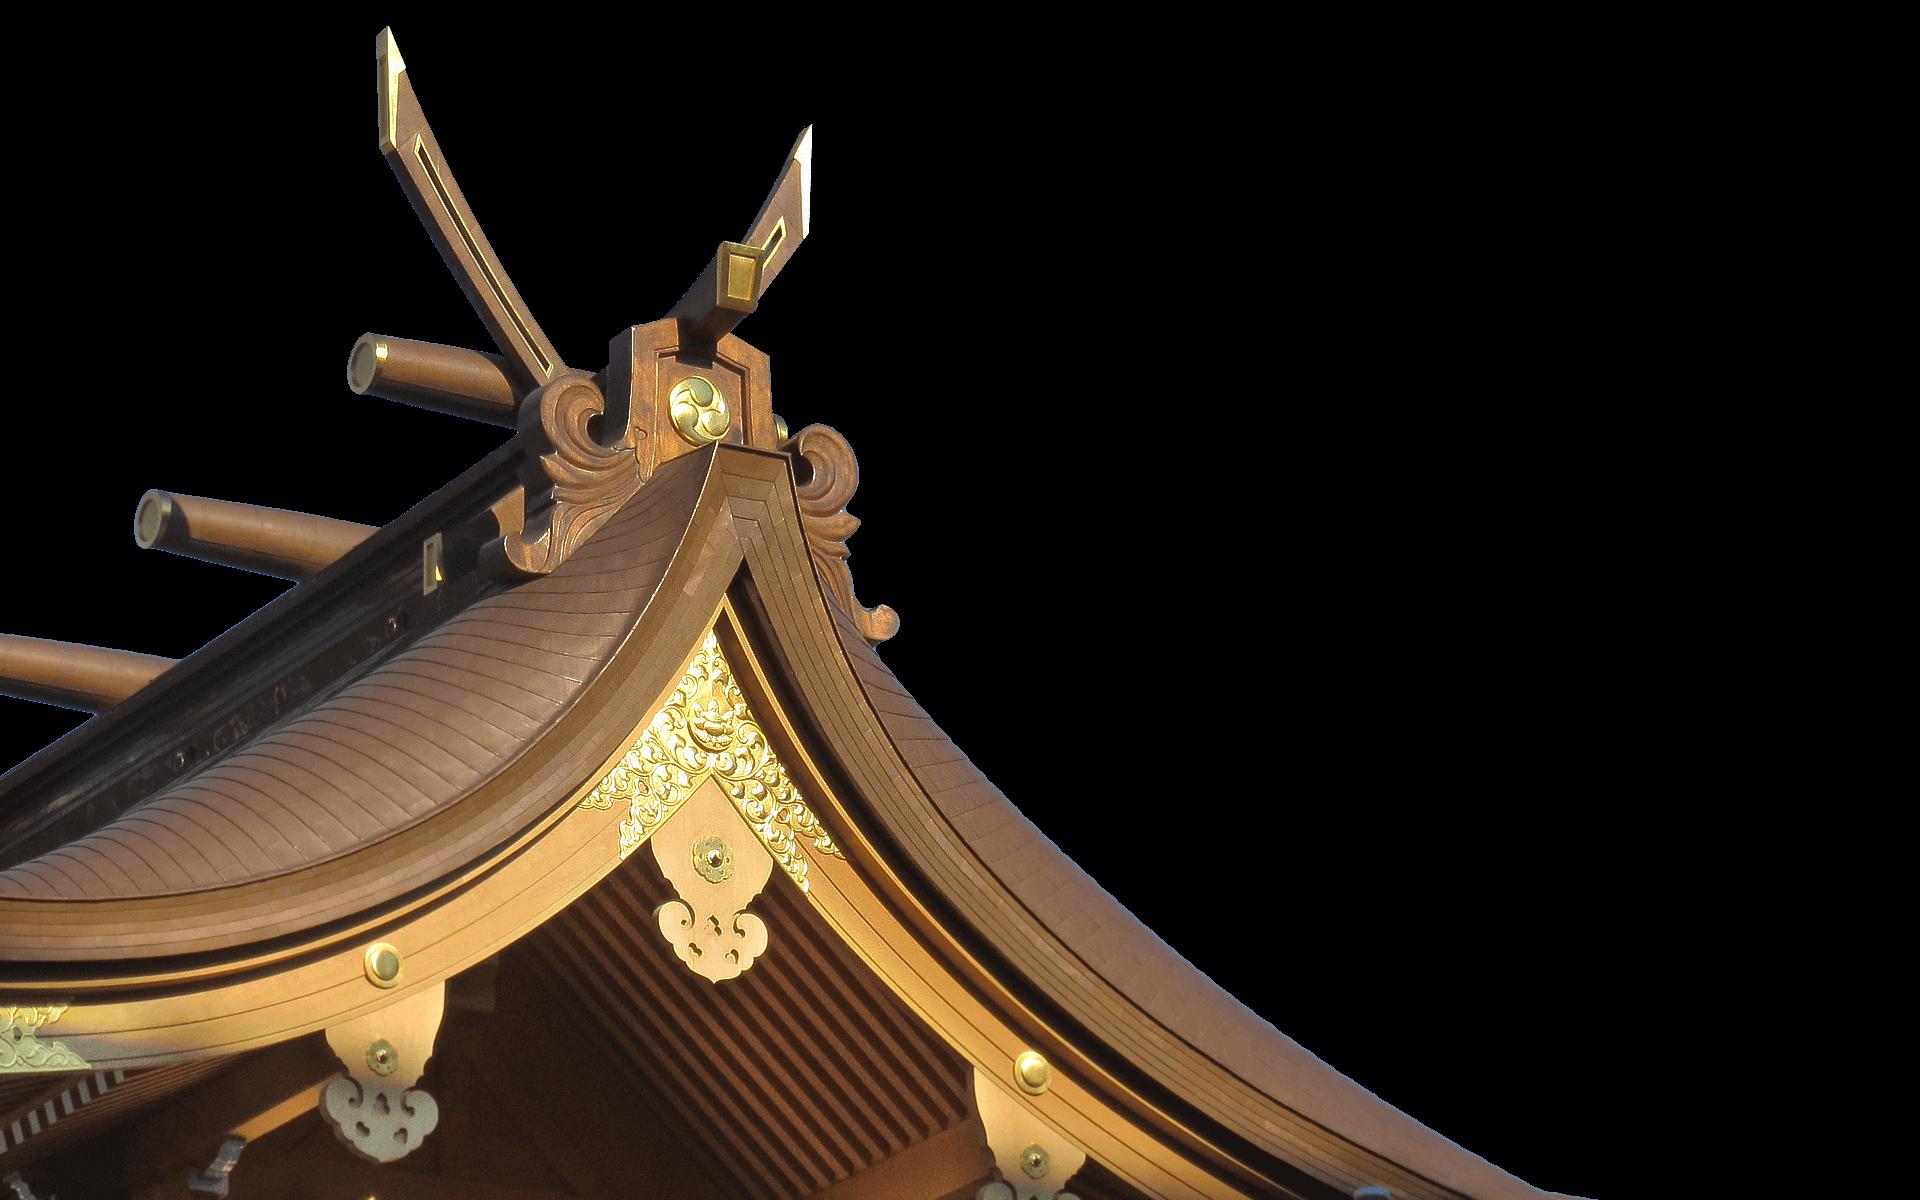 金具・錺金具・飾り金具の森本錺金具製作所